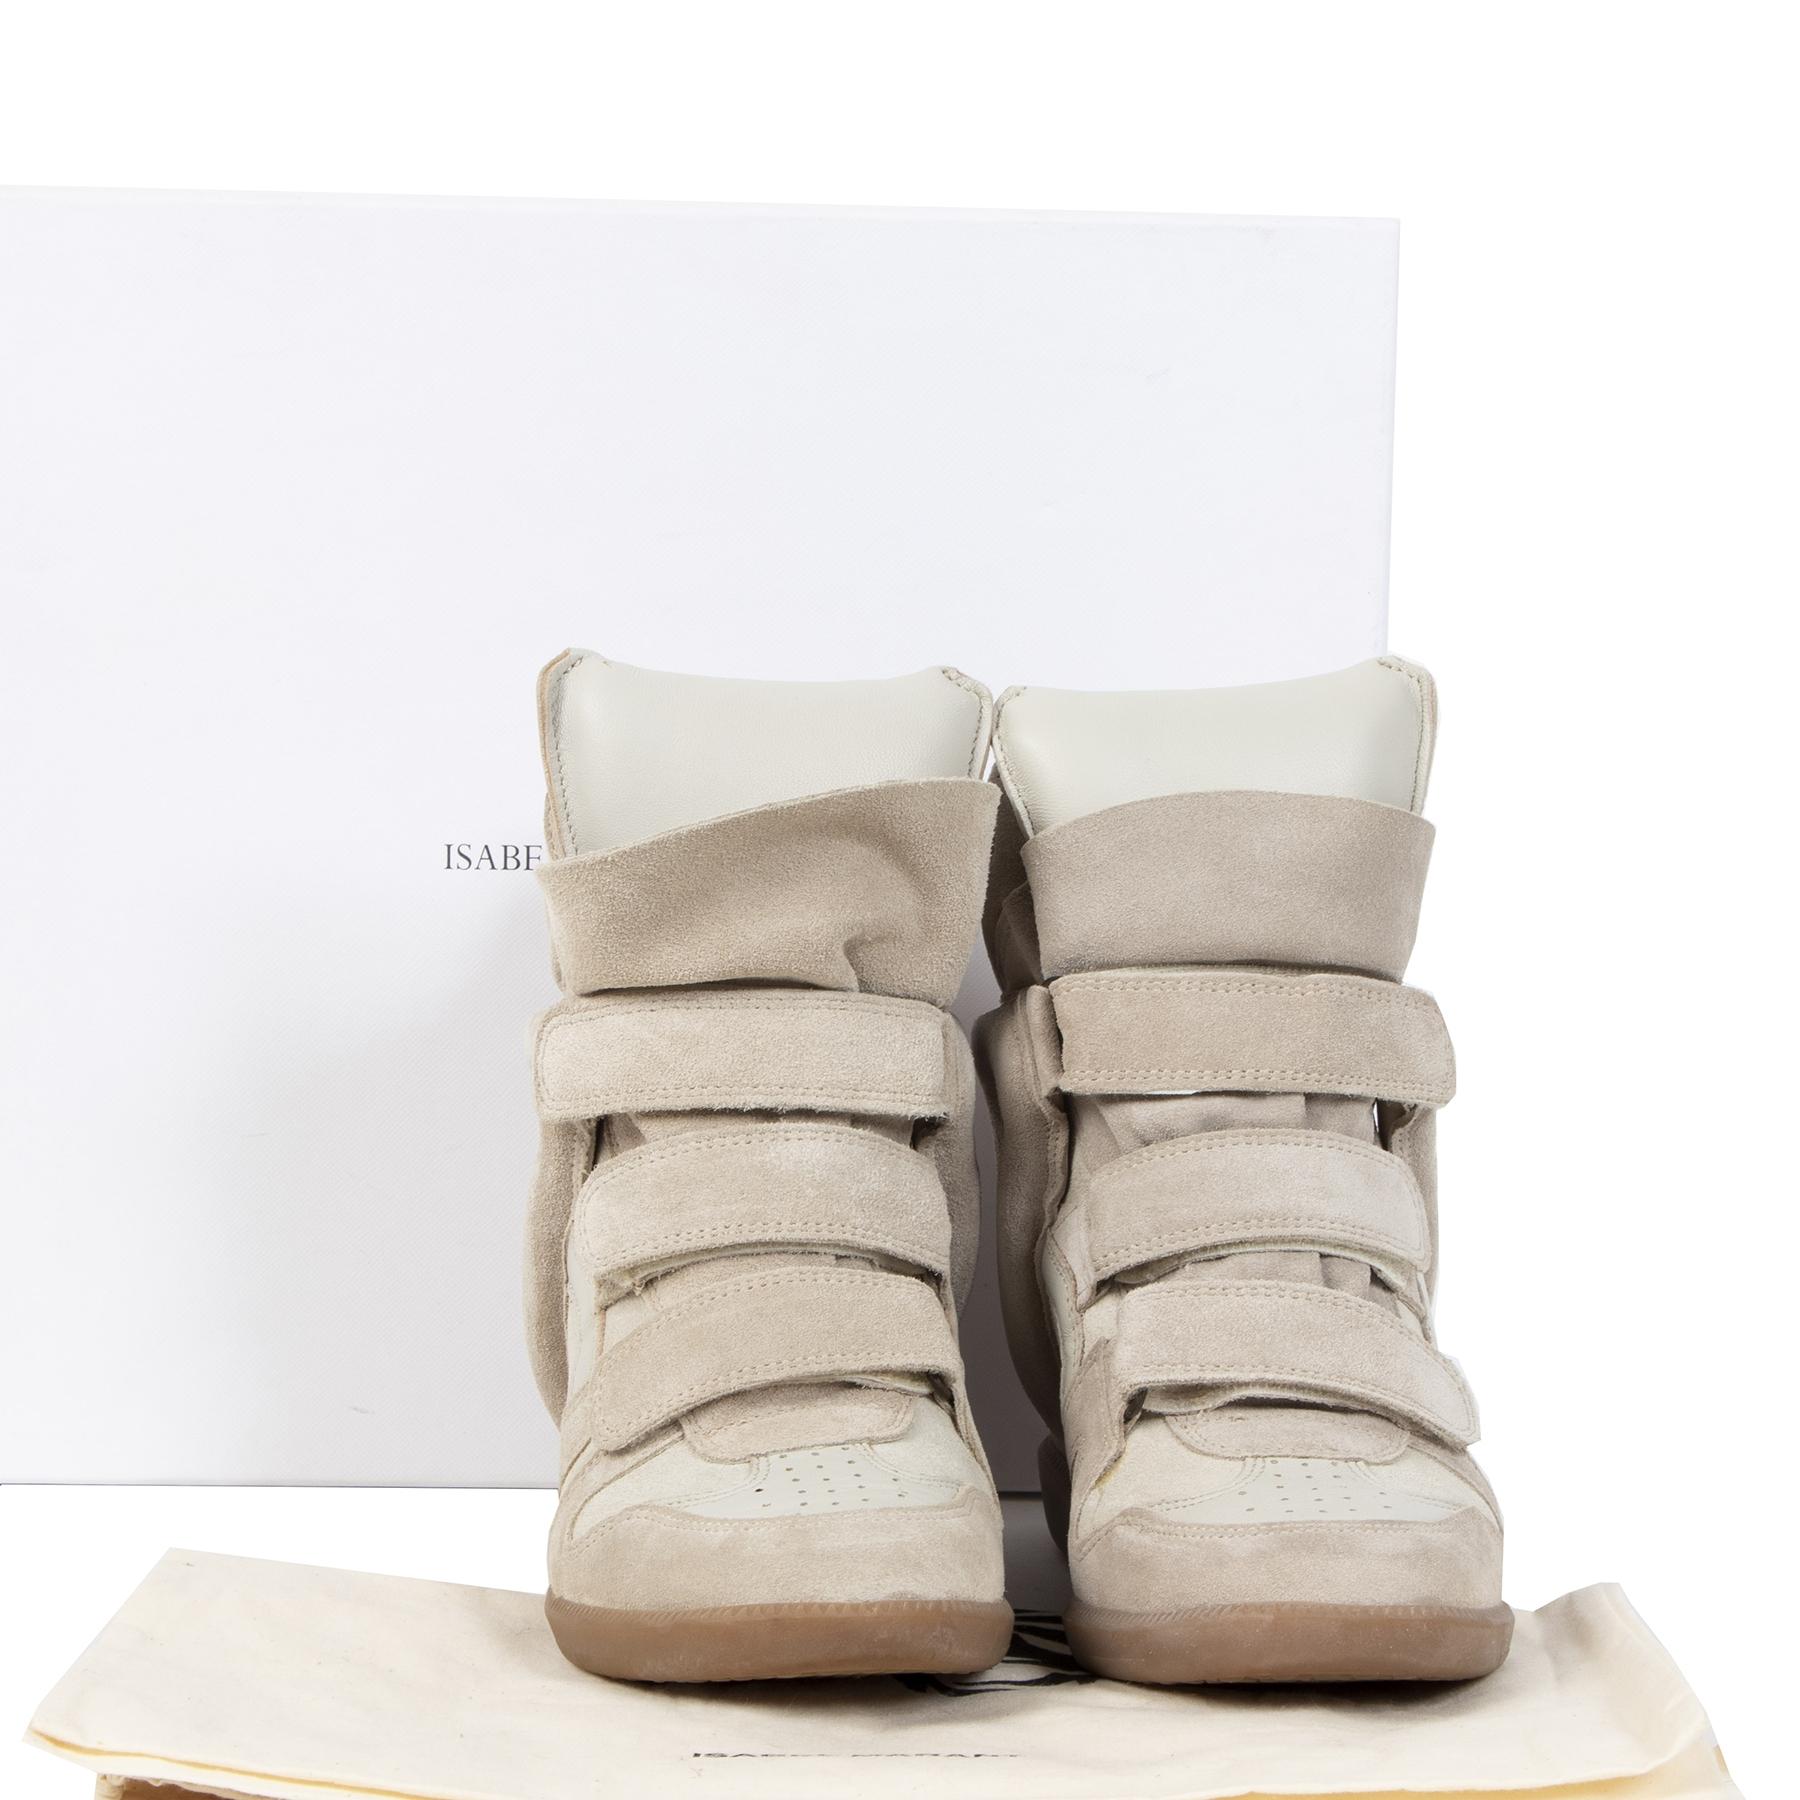 Koop authentieke tweedehands Isabel Marant schoenen voor de juiste prijs bij LabelLOV